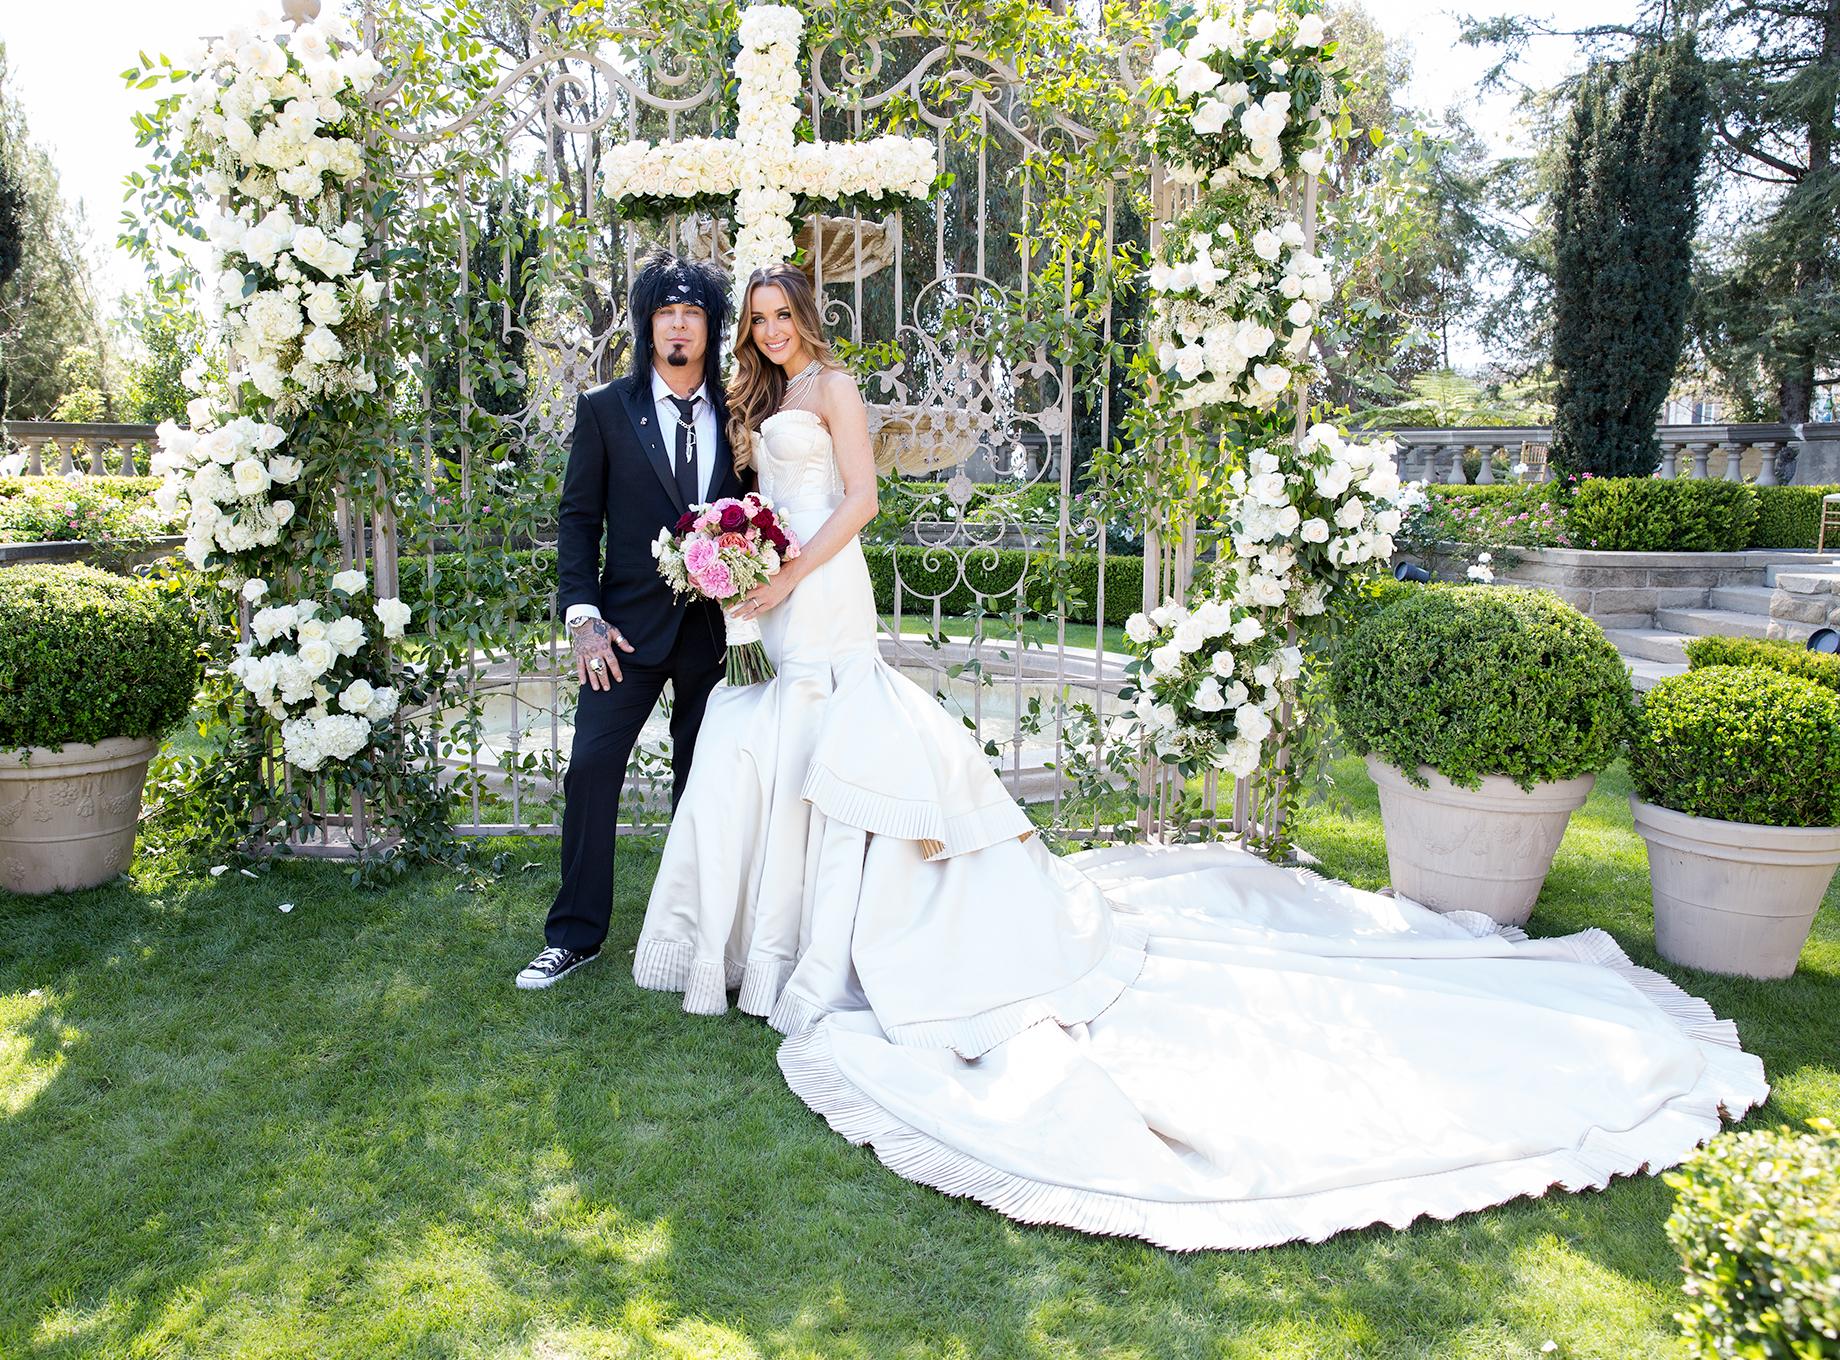 Nikki Sixx and Courtney Bingham Wedding 2